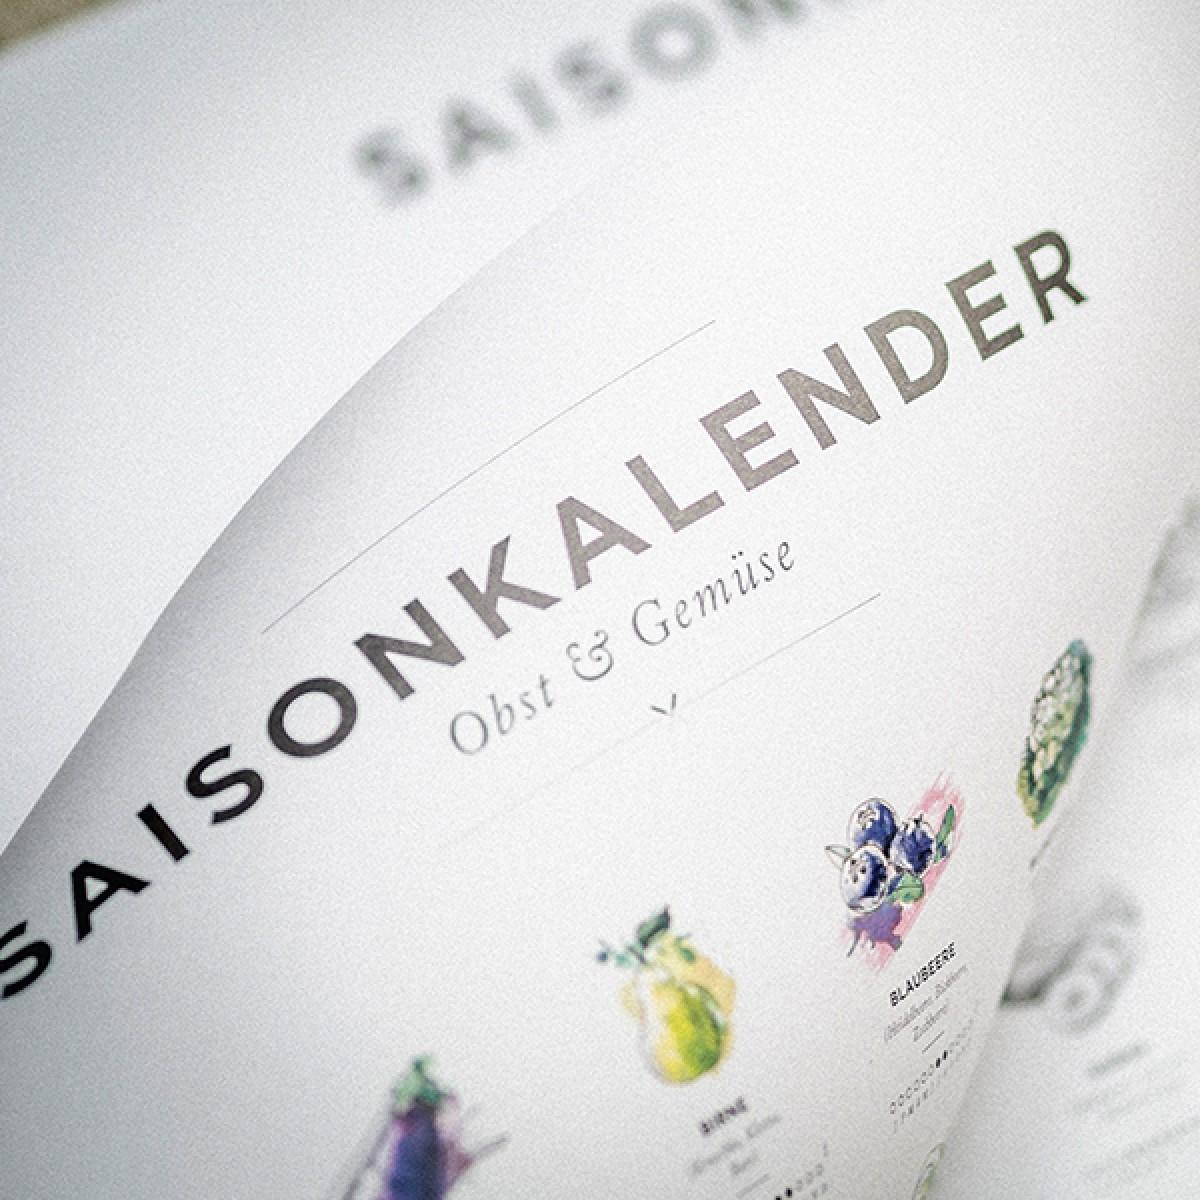 Saisonkalender Obst & Gemüse im Garten, Dekoration Küche, Wandkalender als wall decor für jedes Jahr. Poster / Plakat in SW (ohne Rahmen)